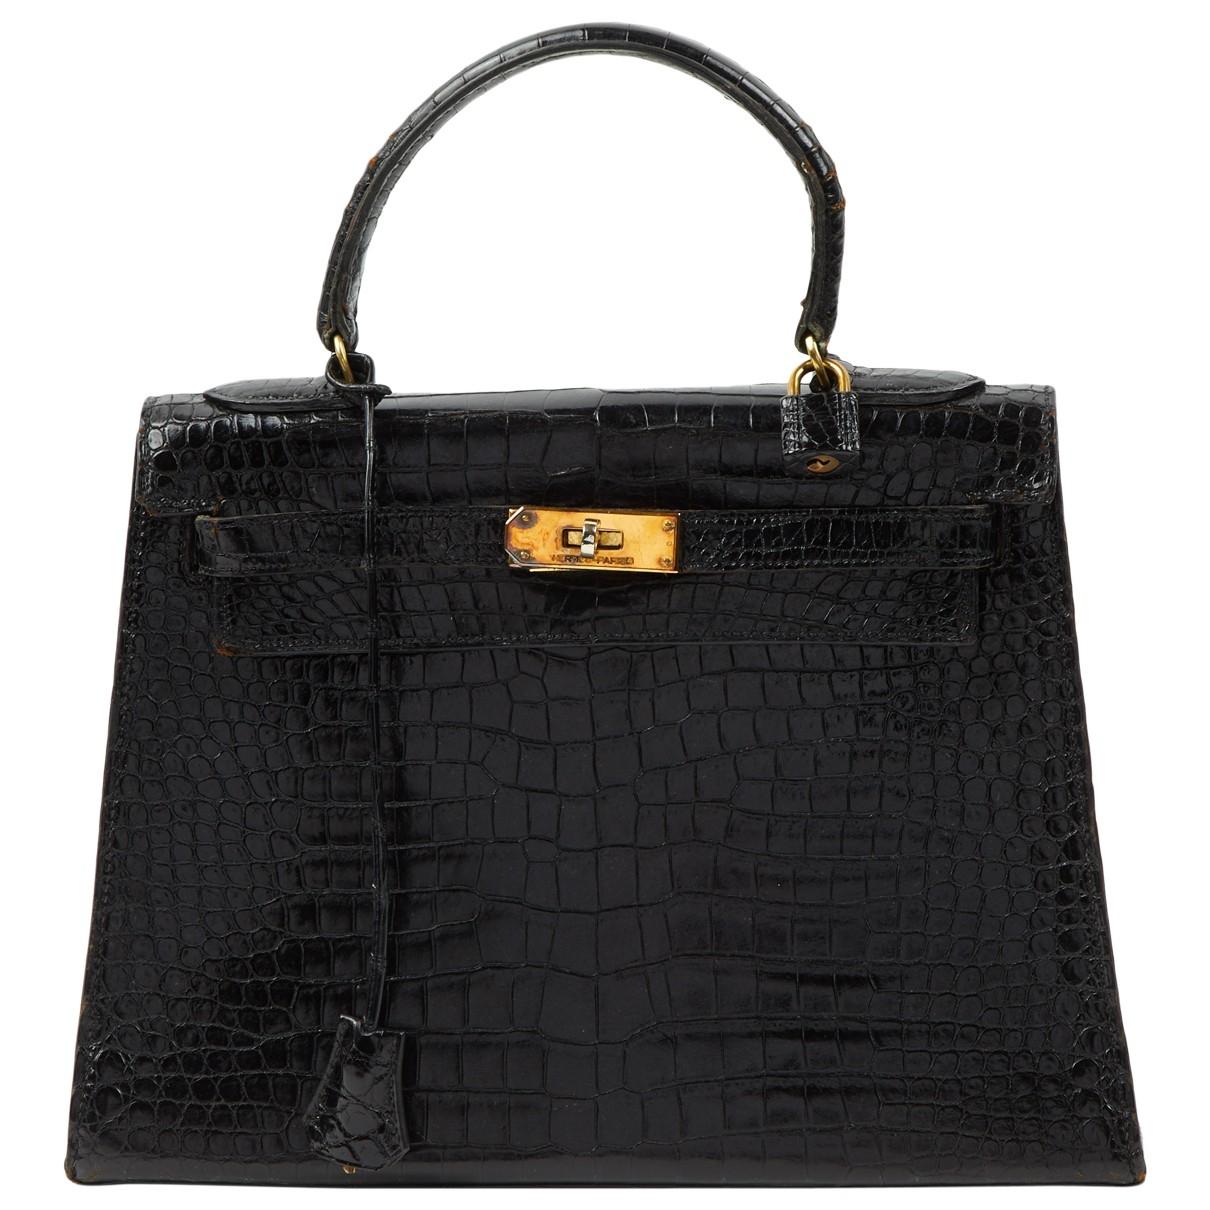 Hermes - Sac a main Kelly 28 pour femme en crocodile - noir